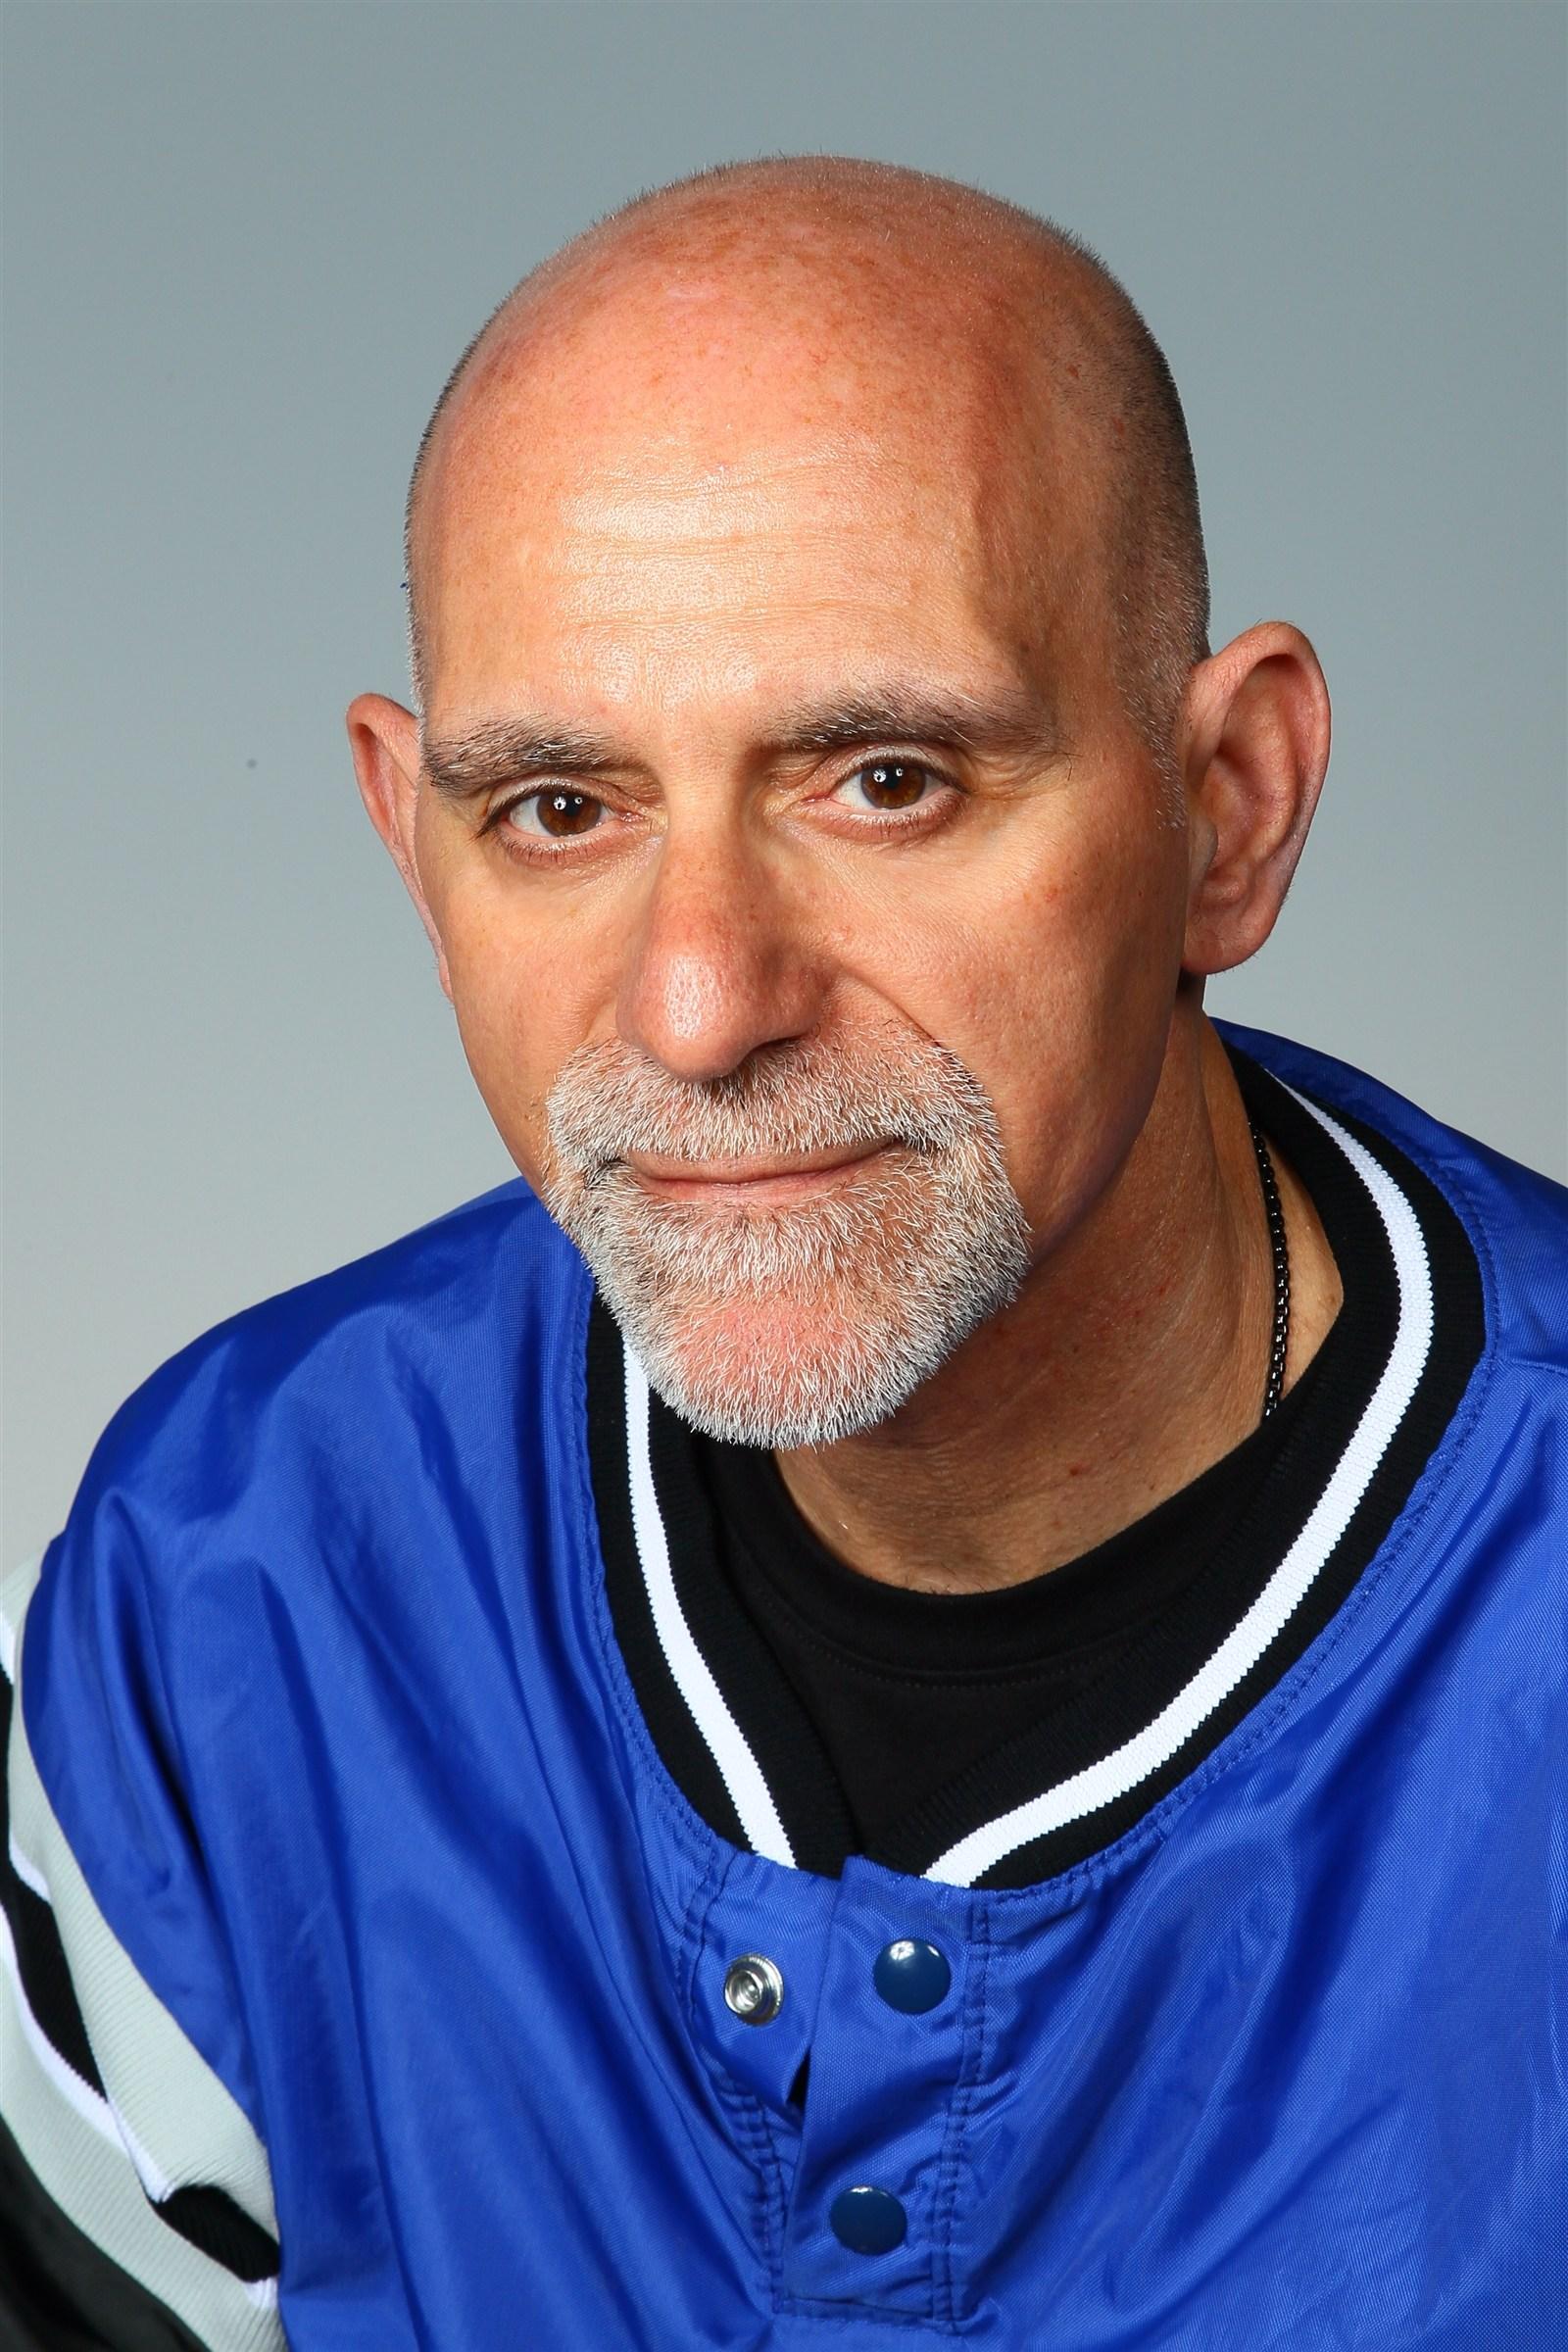 Michael Surella